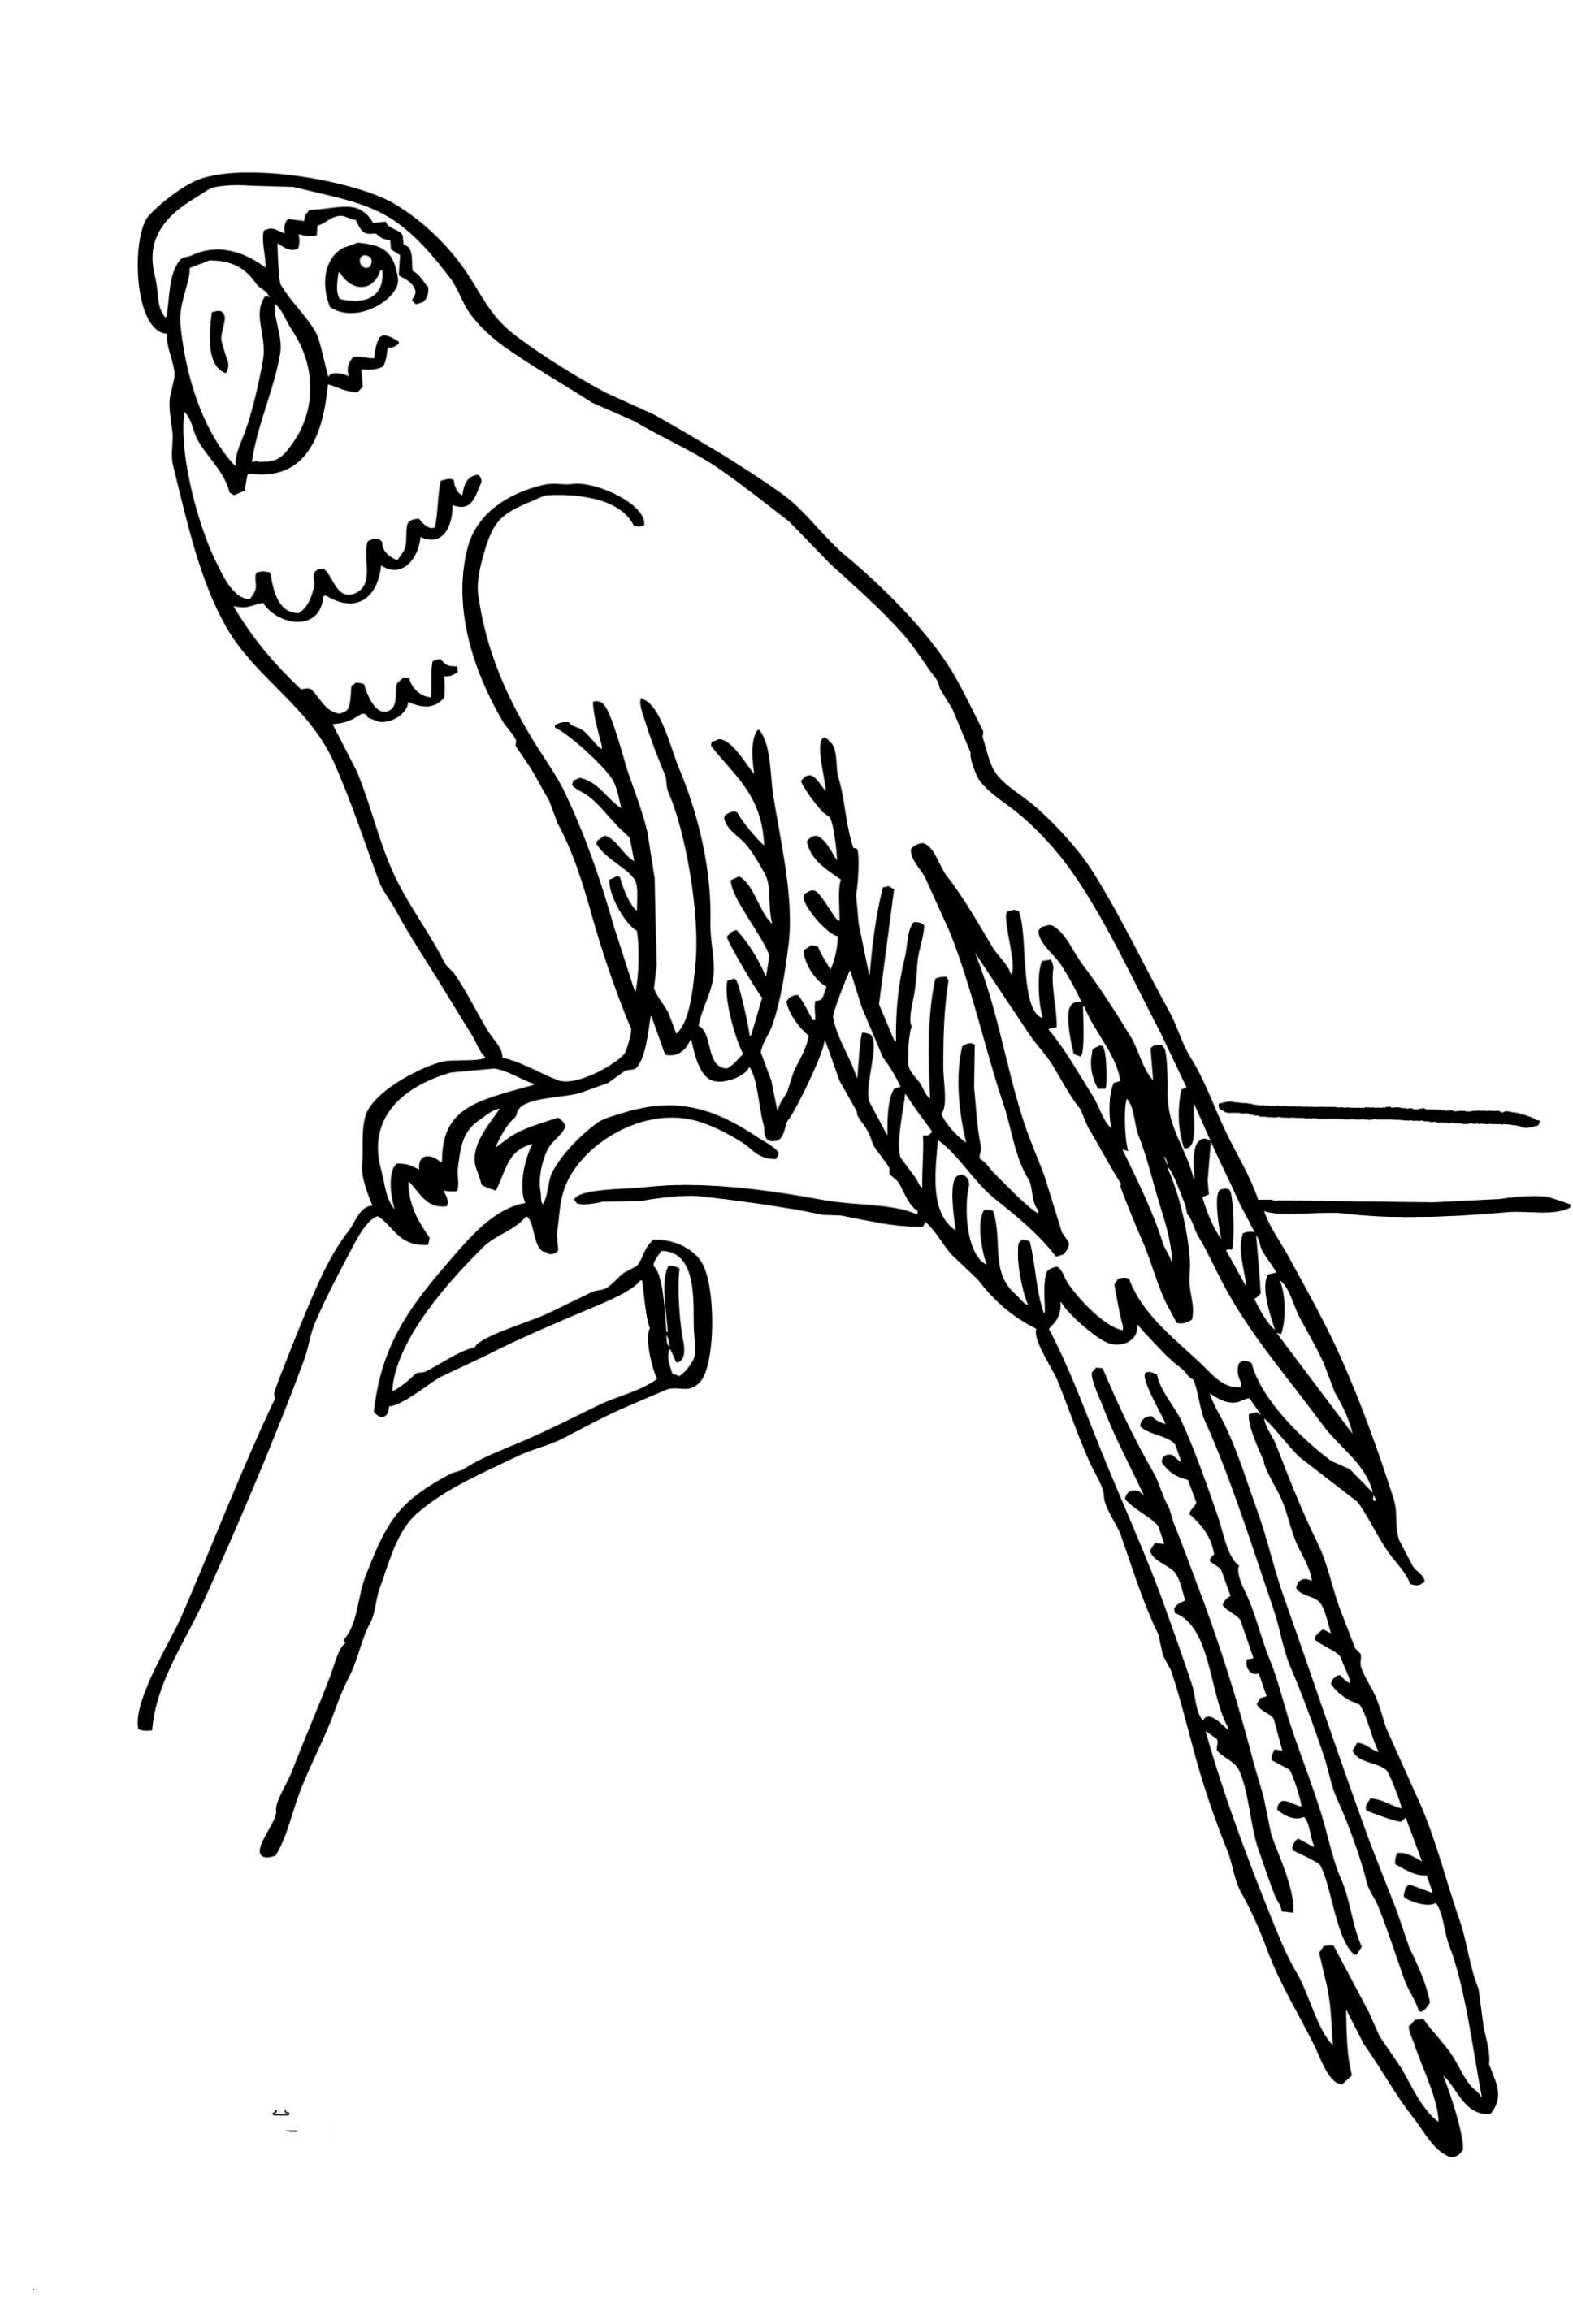 Fliegender Papagei Malvorlage Das Beste Von 40 Ausmalbilder Papagei Scoredatscore Schön Ausmalbilder Fliegender Sammlung